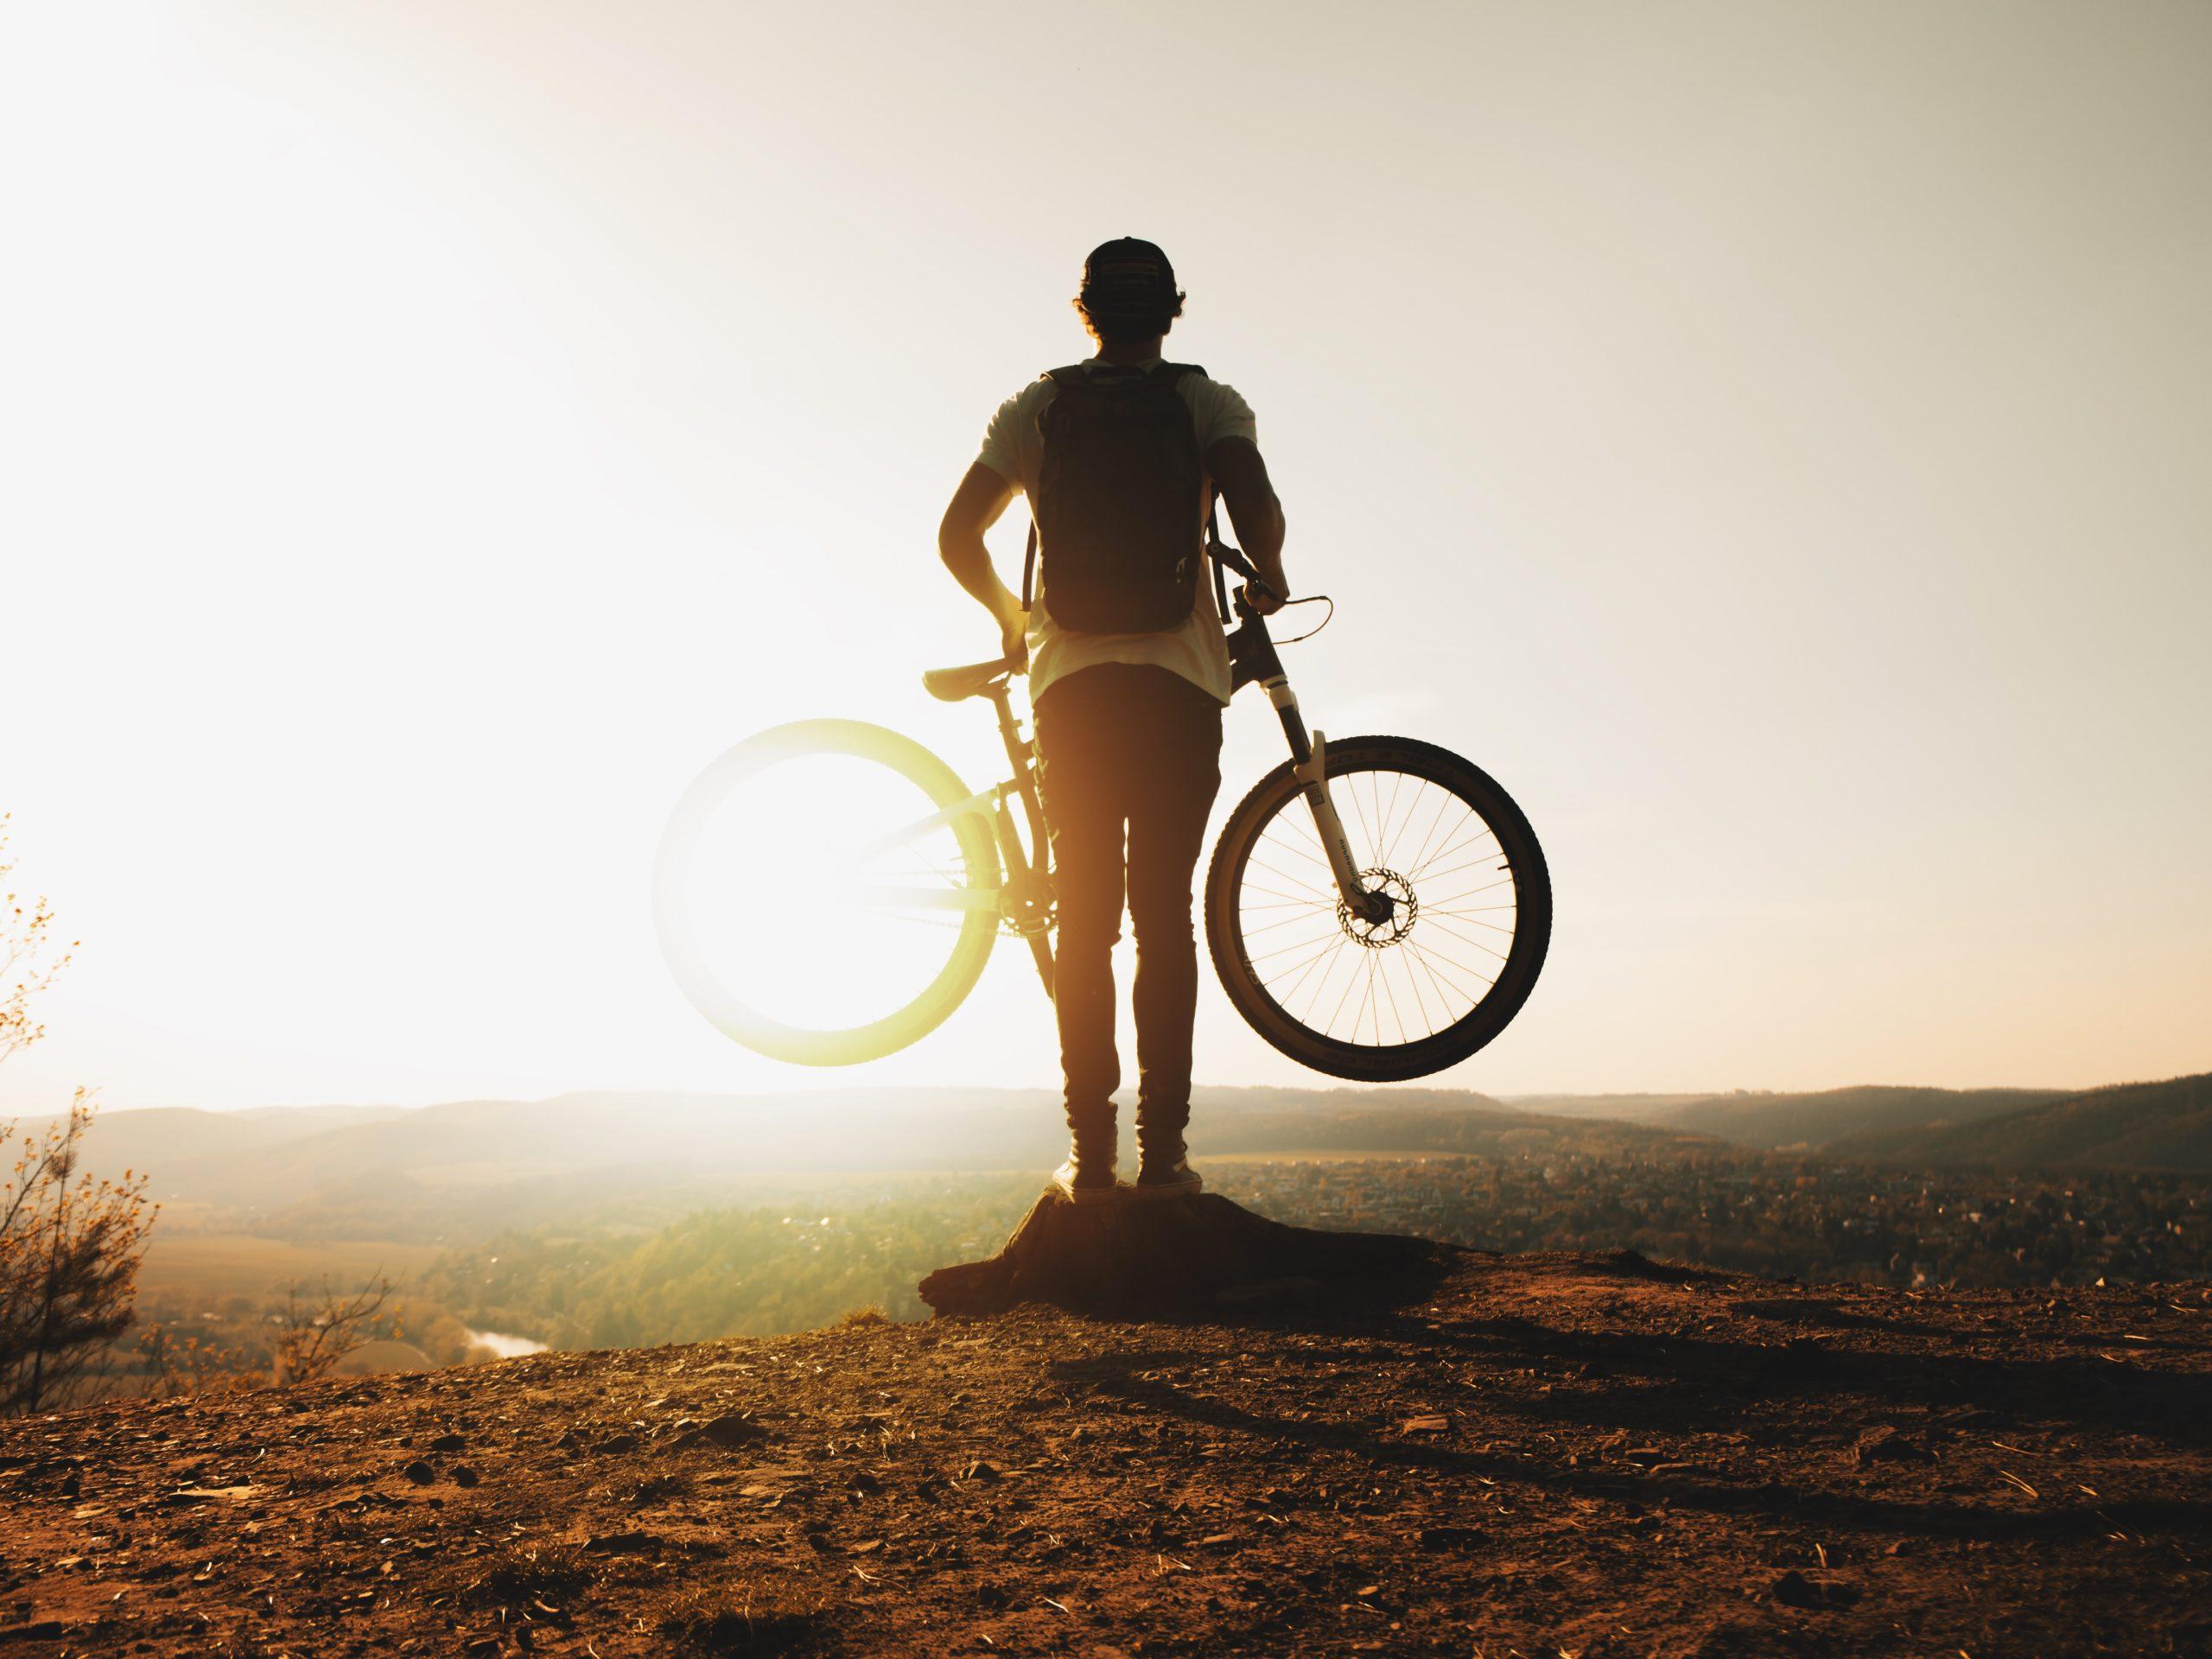 バイクをもつ男性